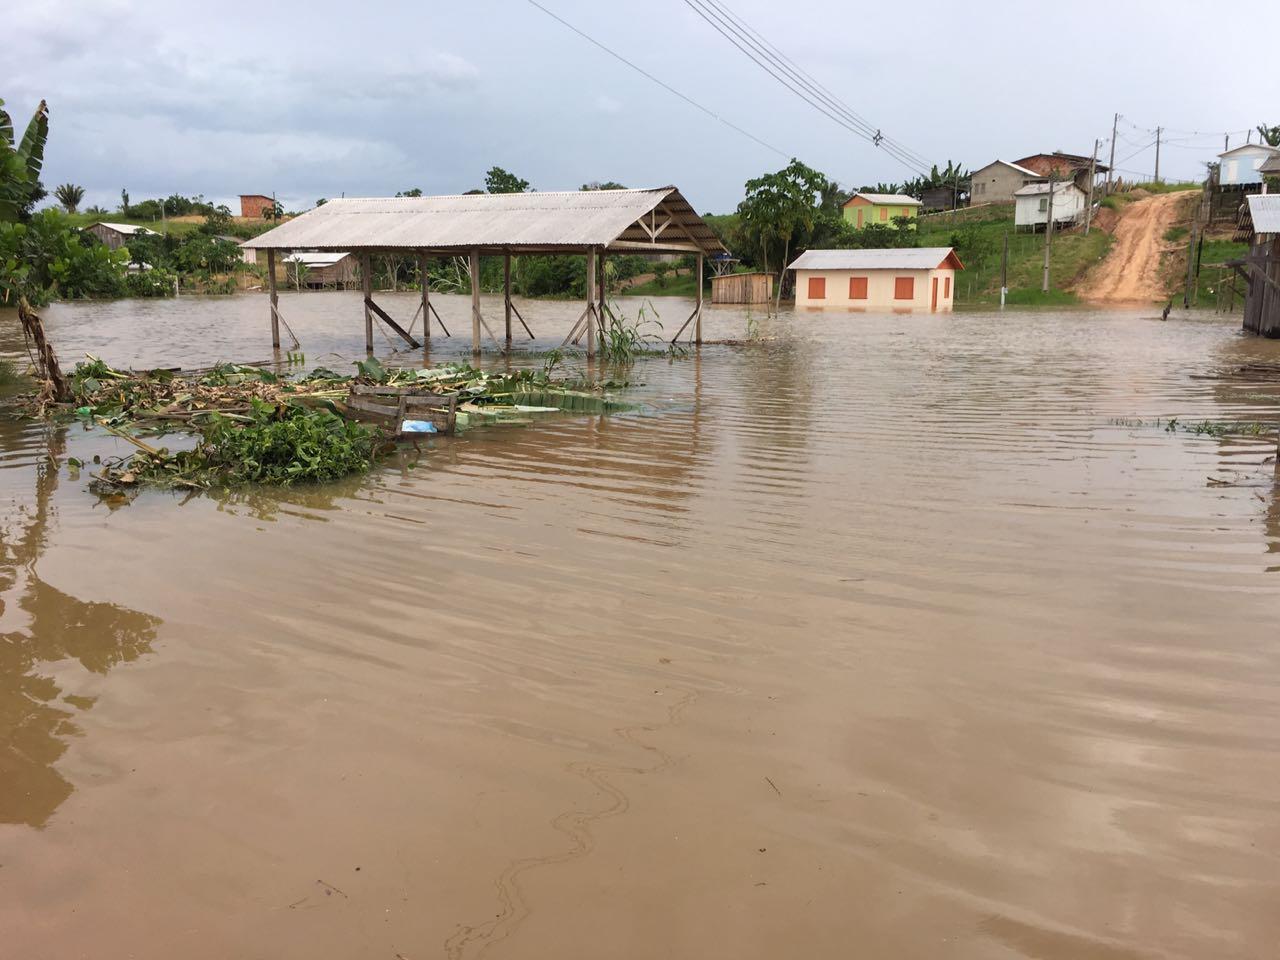 Prefeitura de Tarauacá presta assistência às famílias atingidas pela cheia causada pela chuva